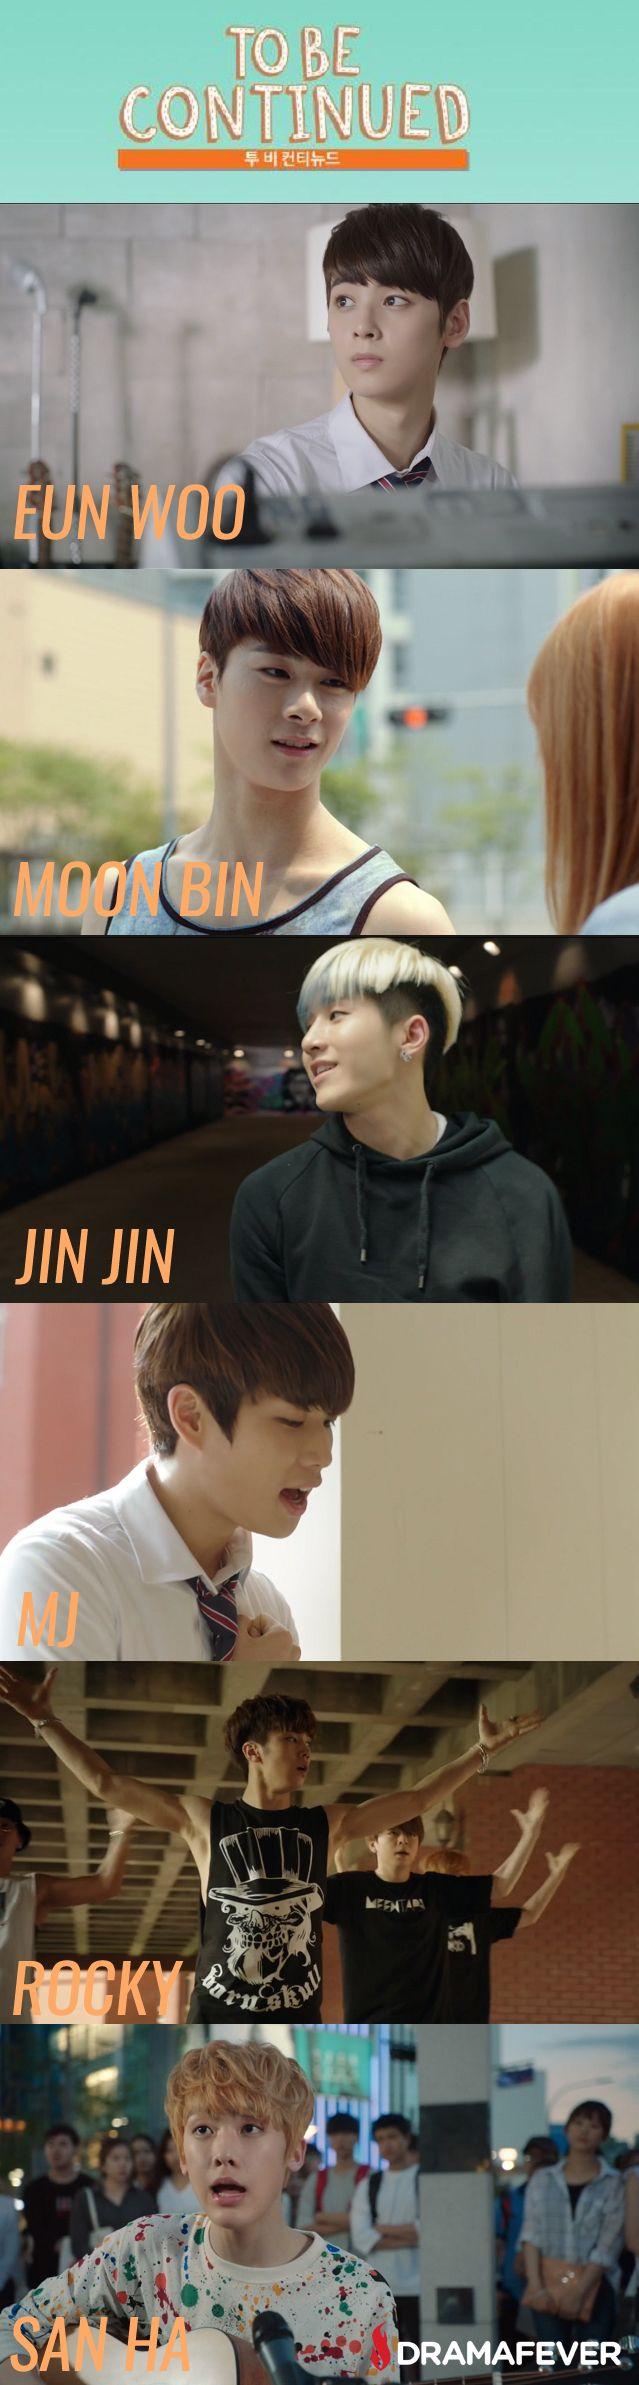 Se reúnen los miembros del nuevo grupo de K-pop en ASTRO Continuará, una serie web corto acerca de un grupo de K-pop que viaja en el tiempo y revive los días antes de su debut.